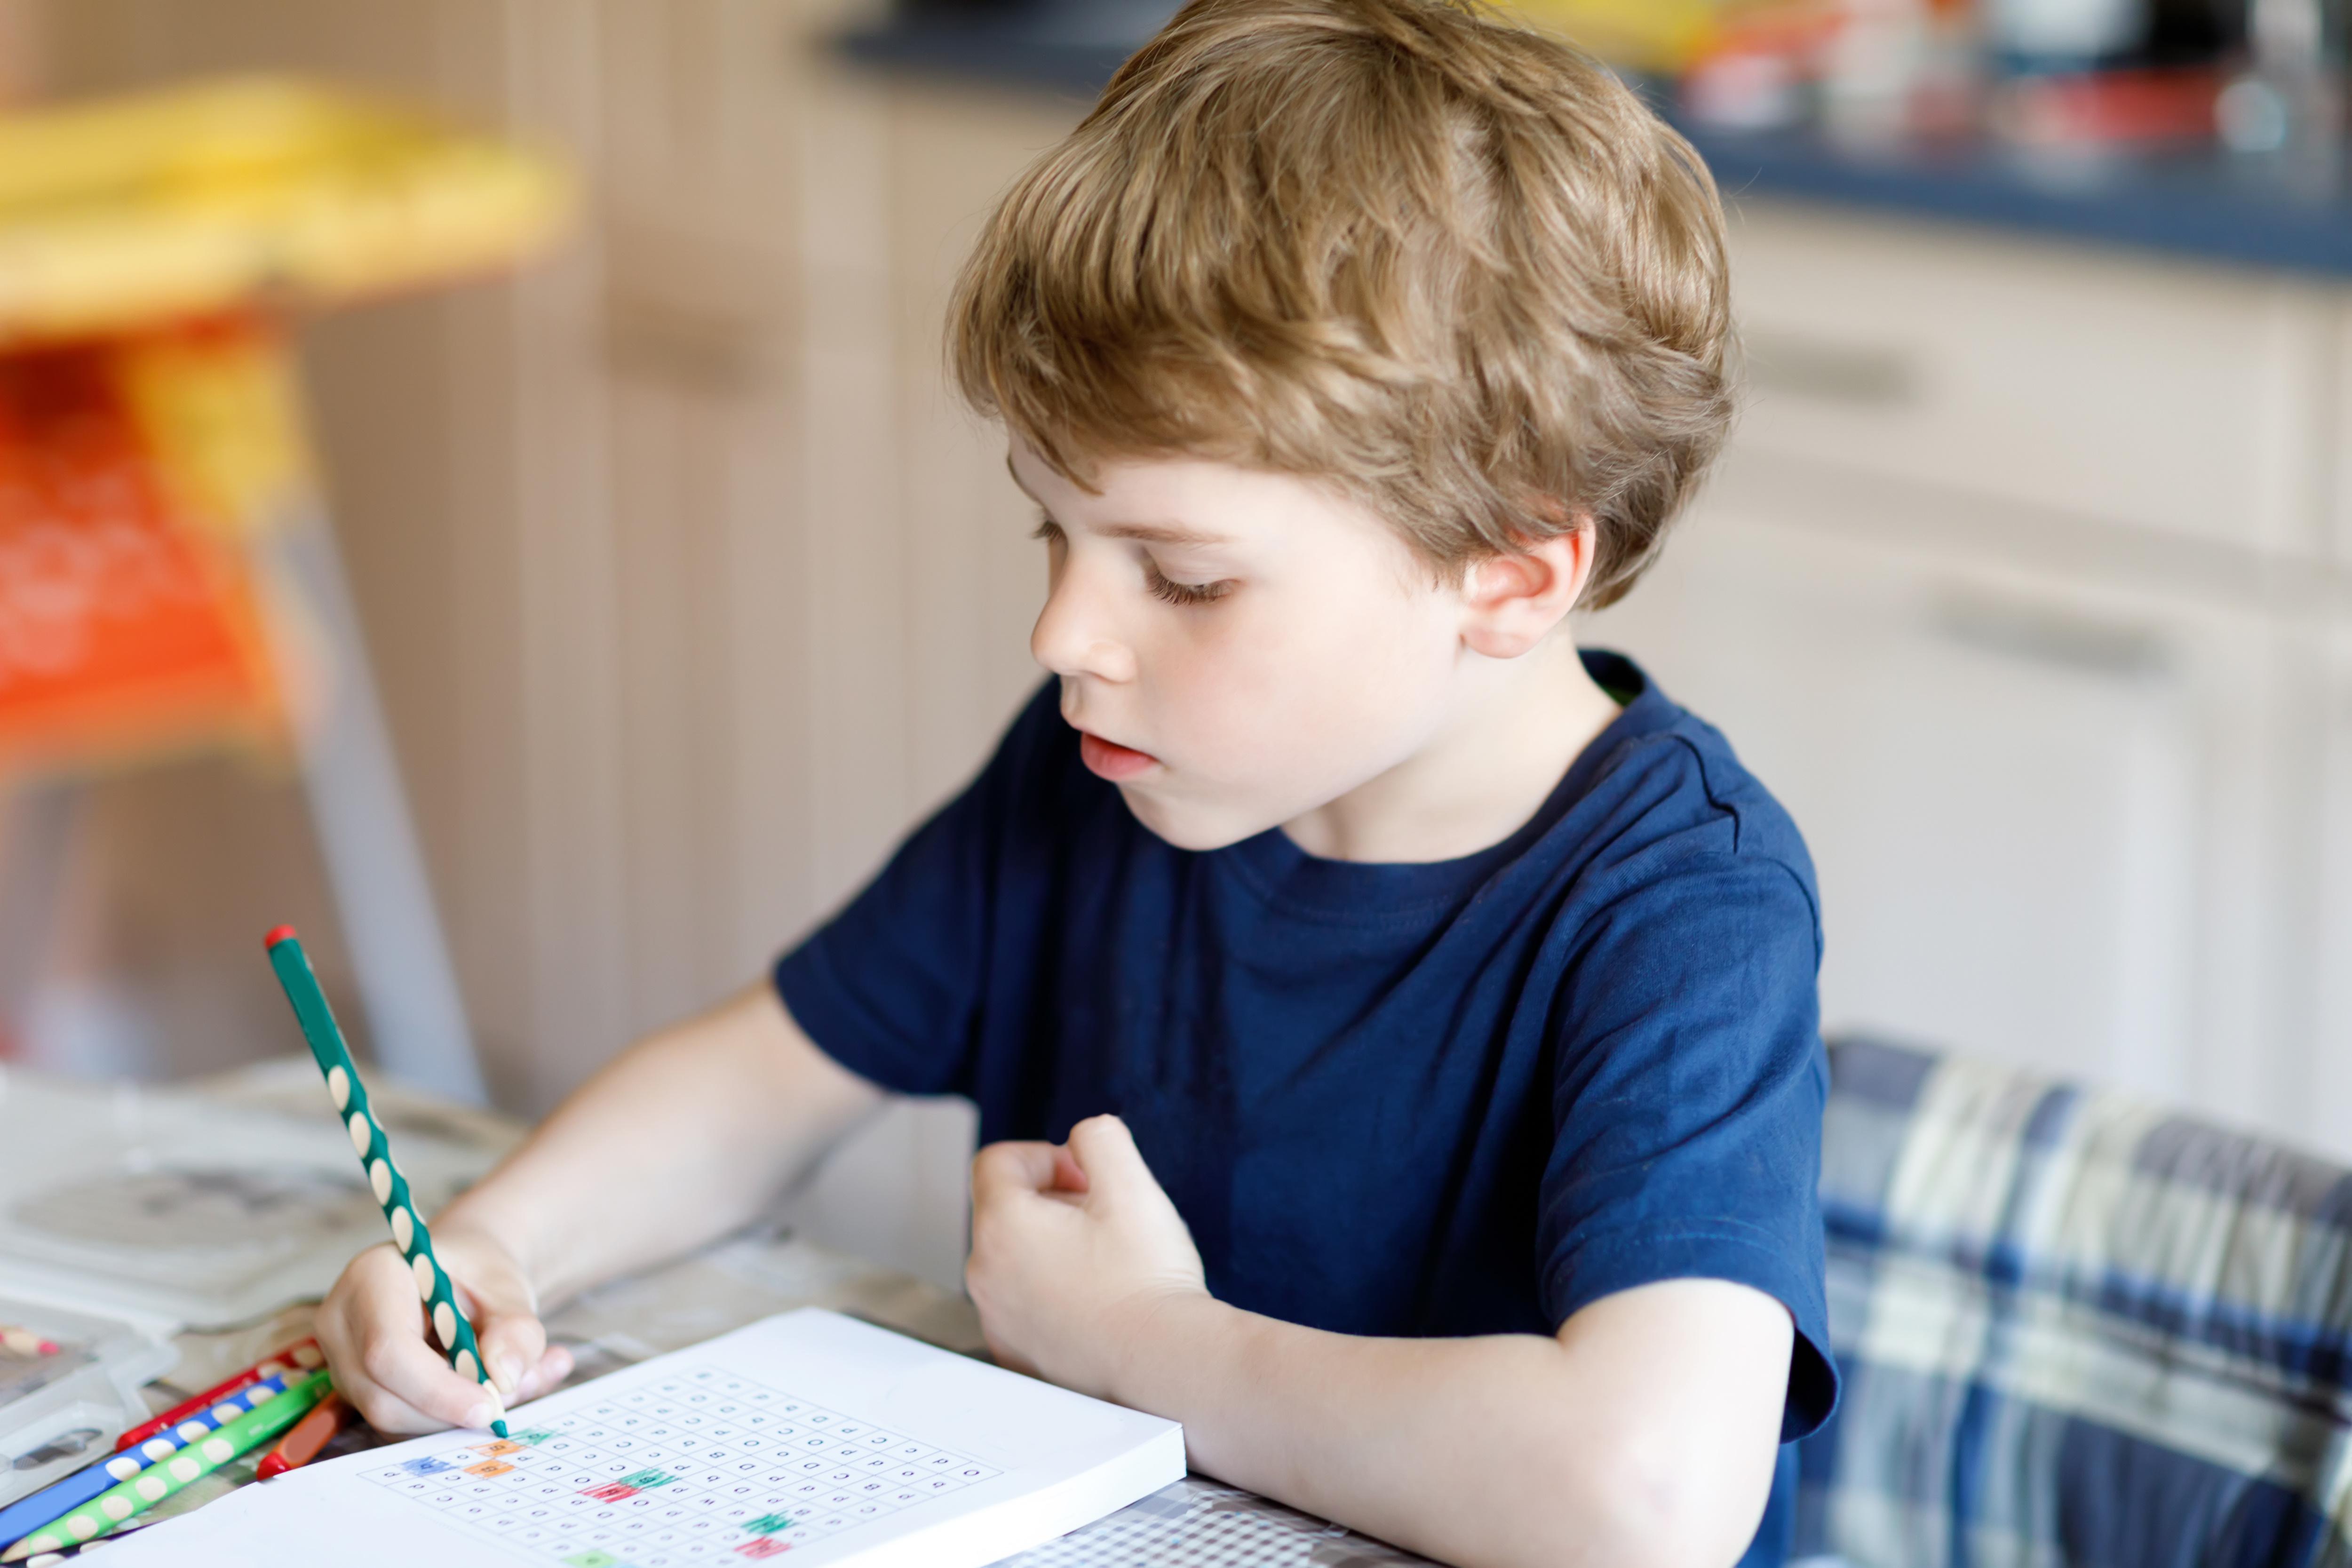 Vaikas nenori mokytis: kaip motyvuoti?